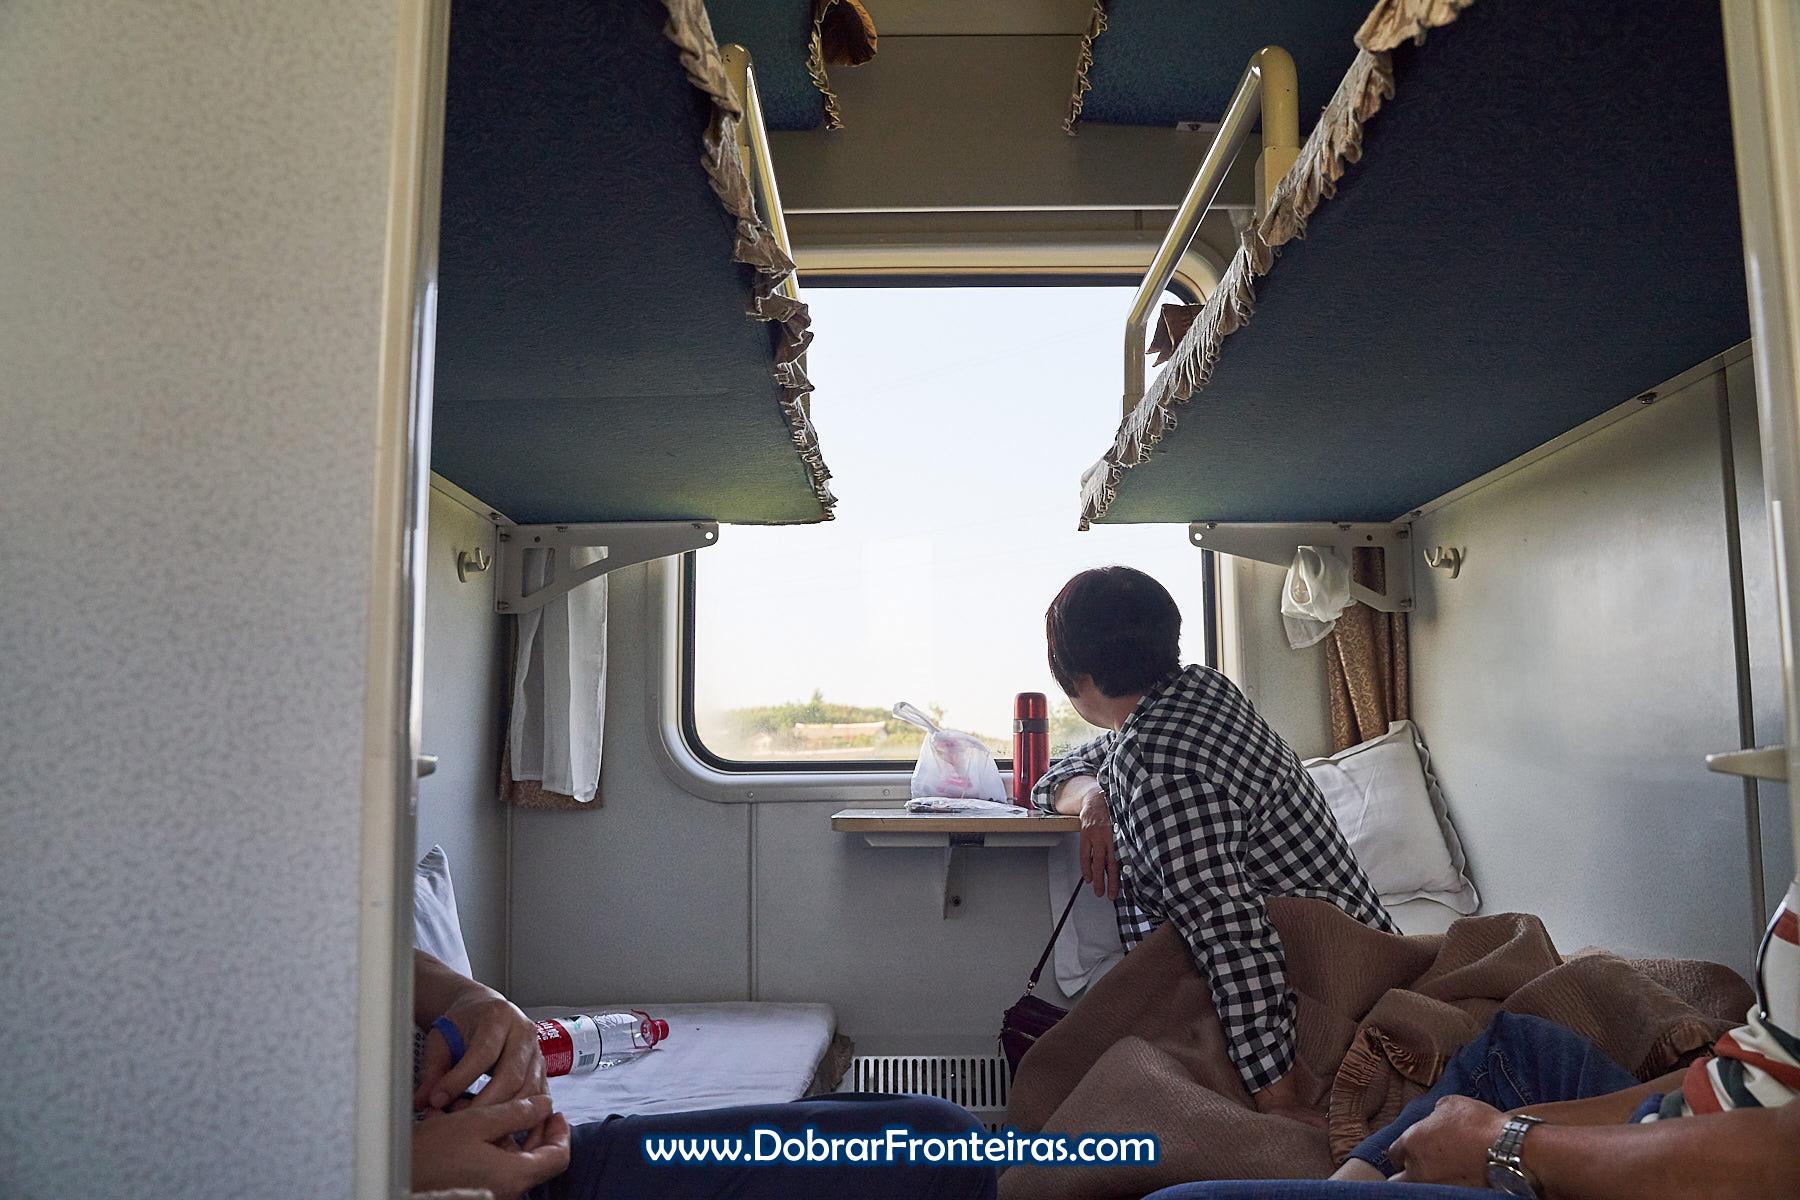 Passageiro olhando à janela em comboio norte coreano